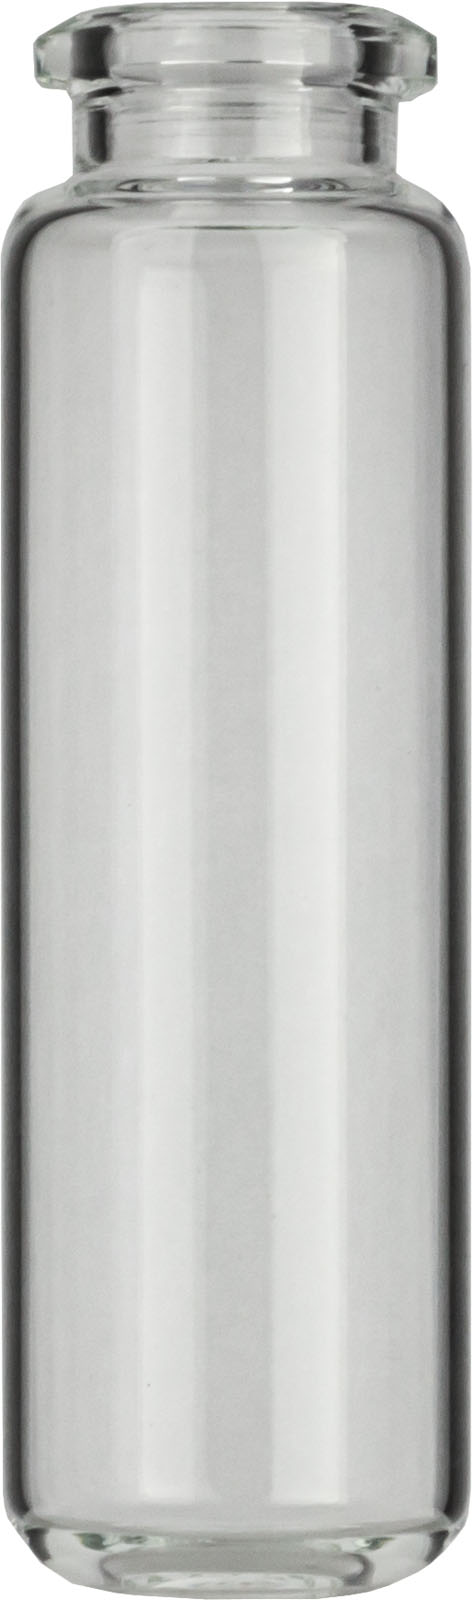 Vial N20-20, RR, k, 23x75,5, r, HS (PE)